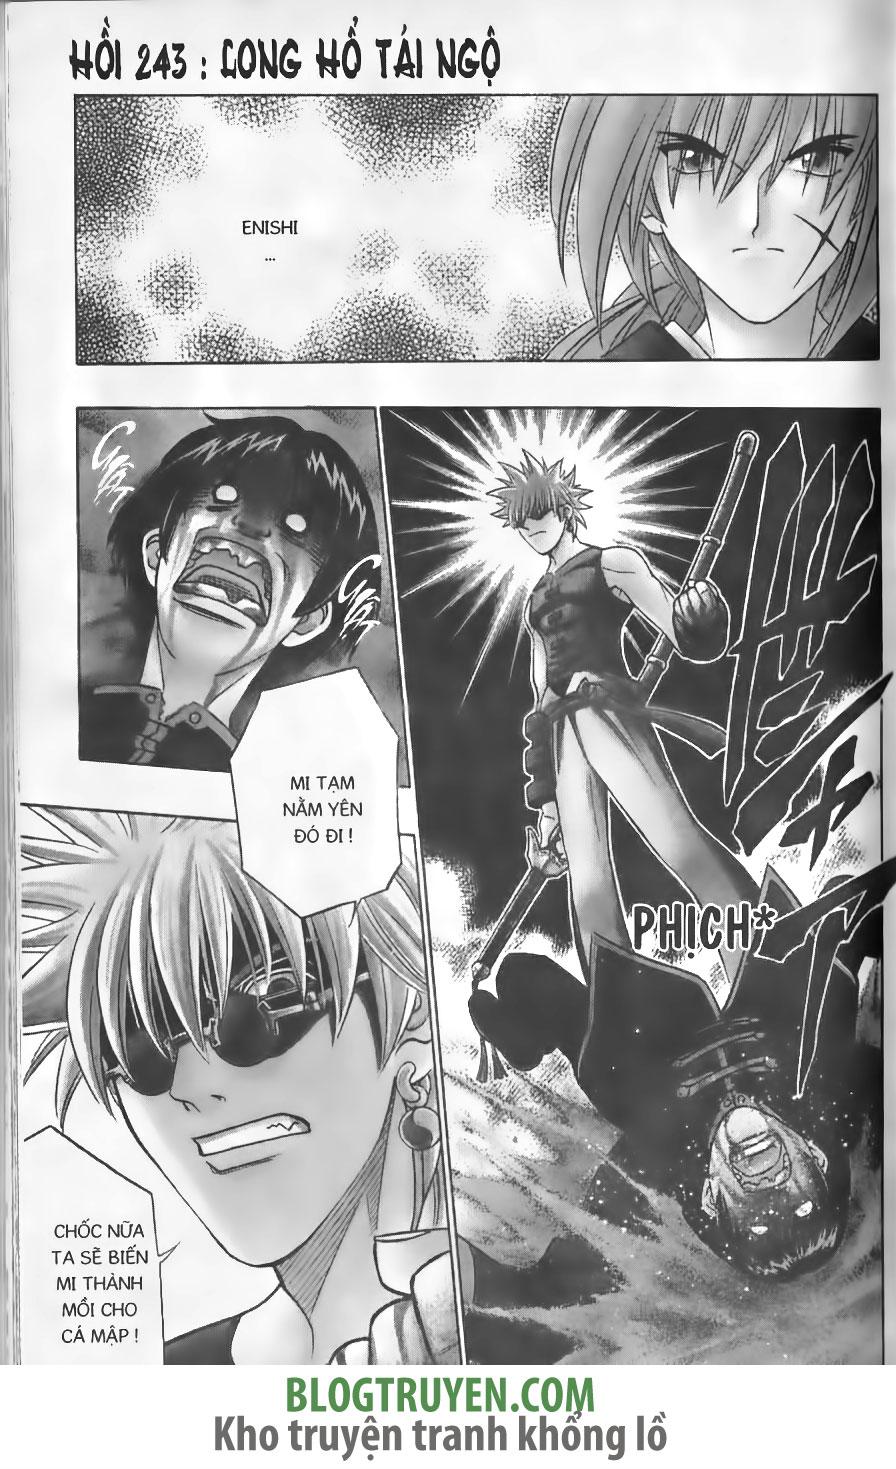 Rurouni Kenshin chap 243 trang 3